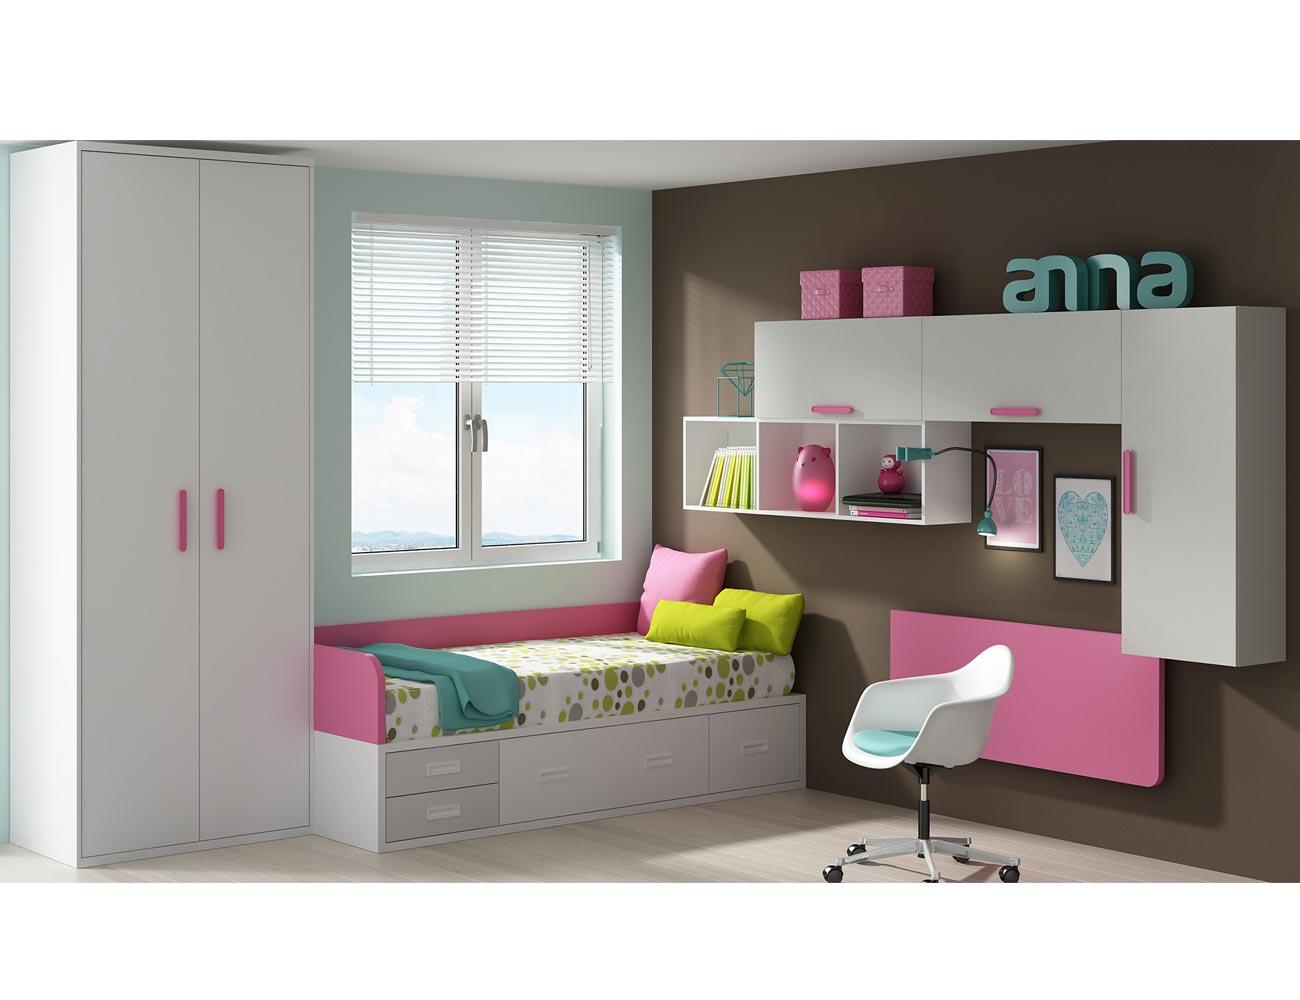 Dormitorio juvenil moderno cama cajones moderno ana